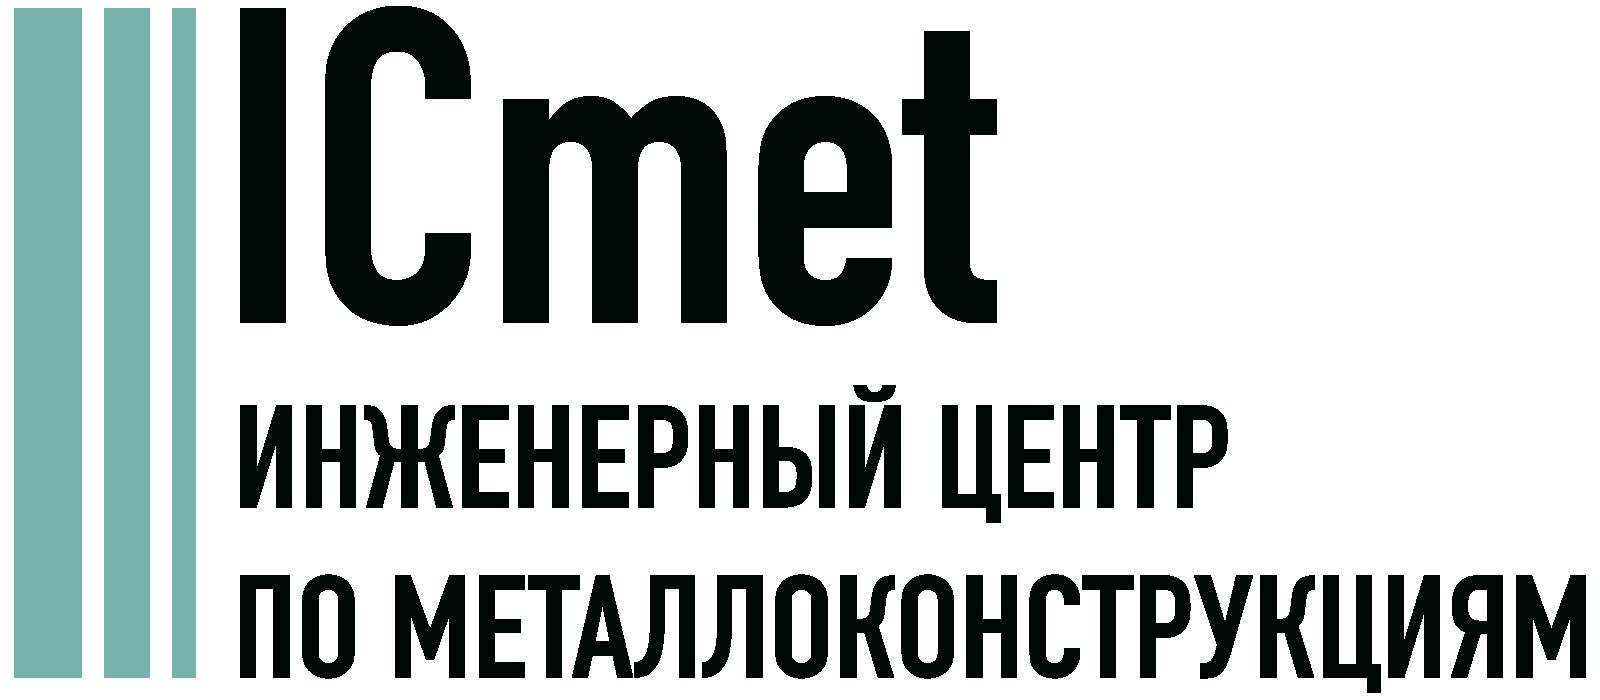 Проектирование металлоконструкций в Красноярске